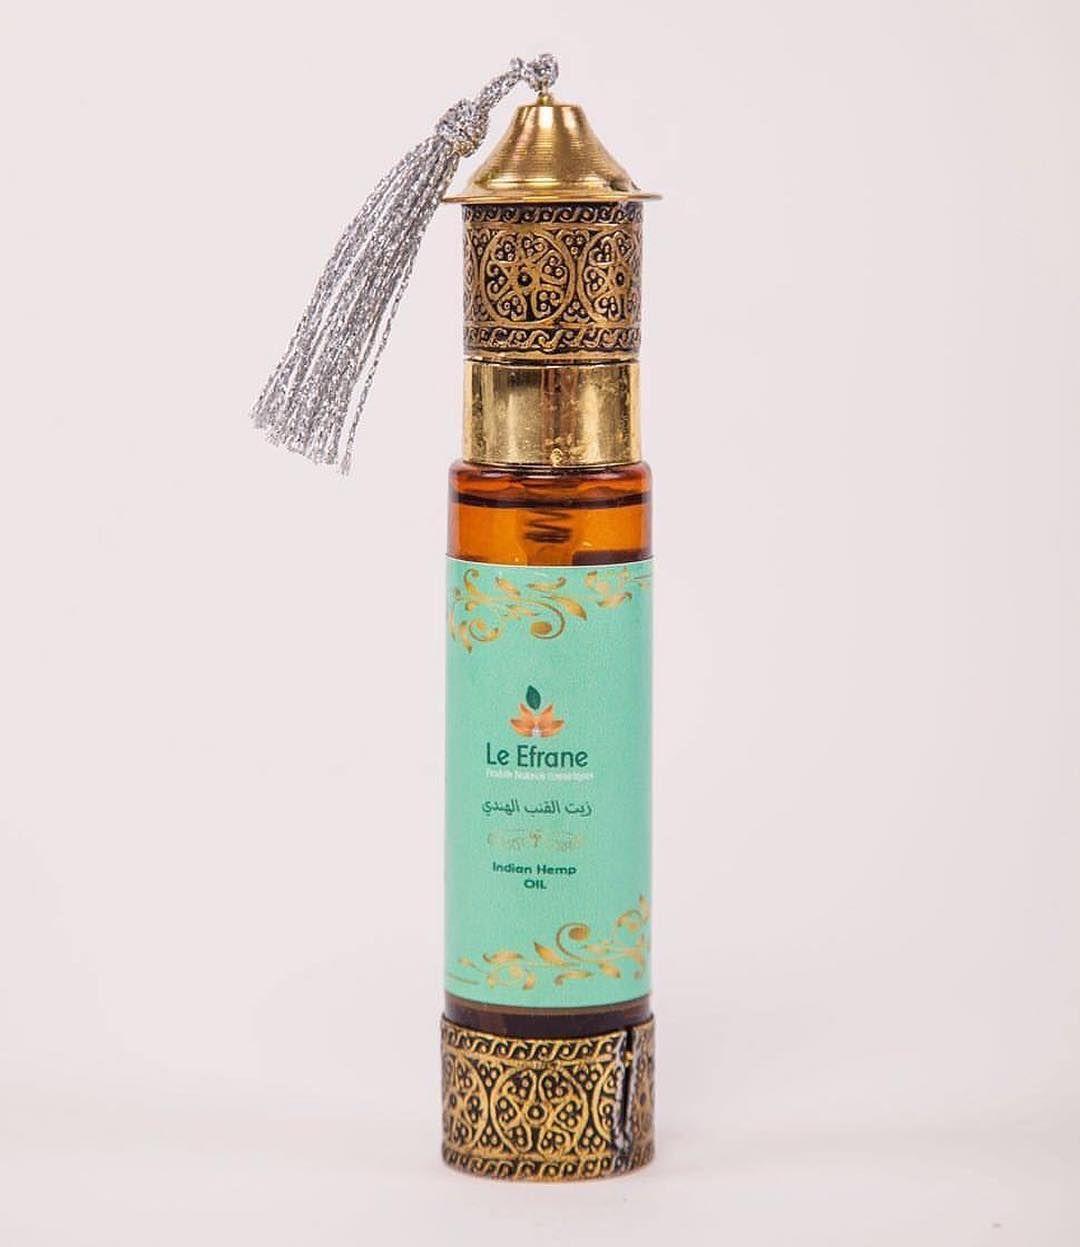 Leefranuae منتجات تجميل فاخرة فوائد زيت القنب للشعر يحتوي على العديد من العناصر المهمة لصحة الشعر مثل البروتين والأحماض الدهنية Oils Perfume Bottles Perfume